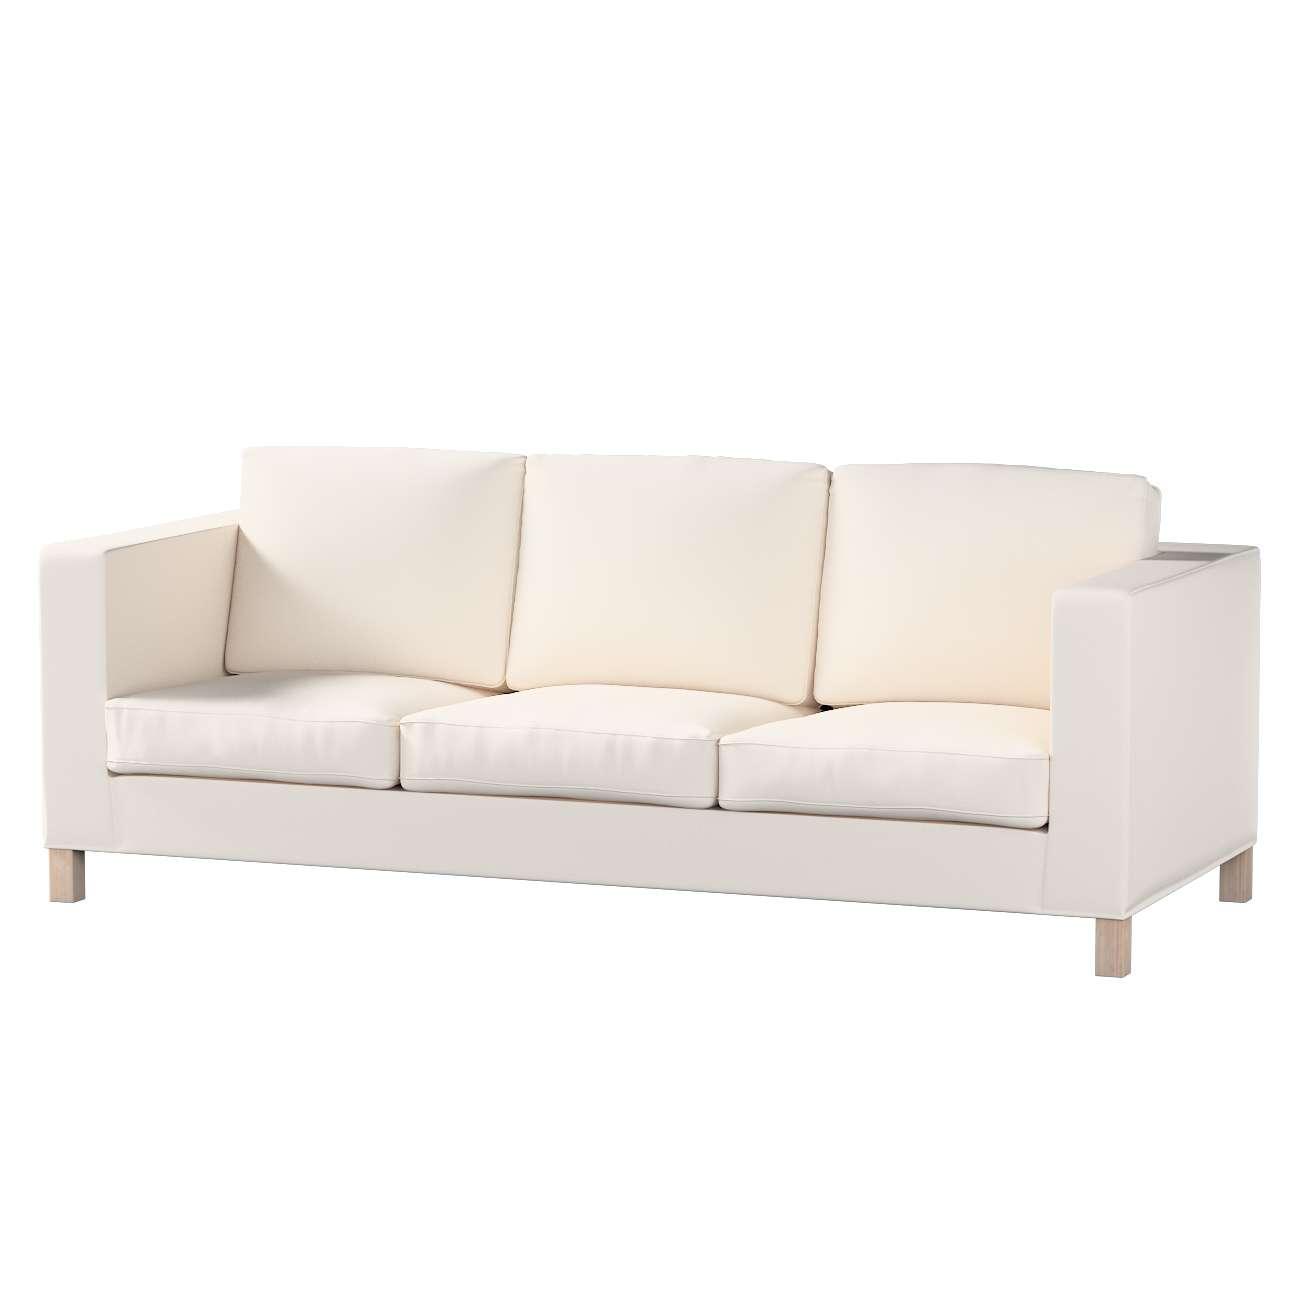 Karlanda 3-Sitzer Sofabezug nicht ausklappbar kurz von der Kollektion Etna, Stoff: 705-01